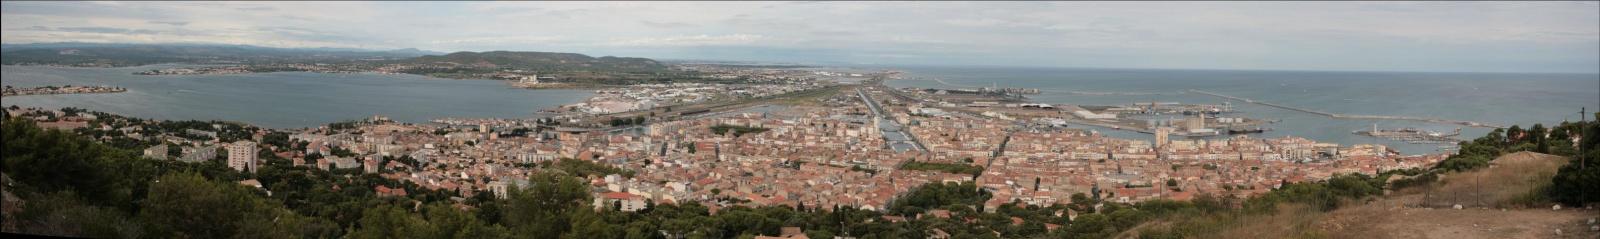 visite virtuelle de la pointe du Castel Menguy à Trégastel